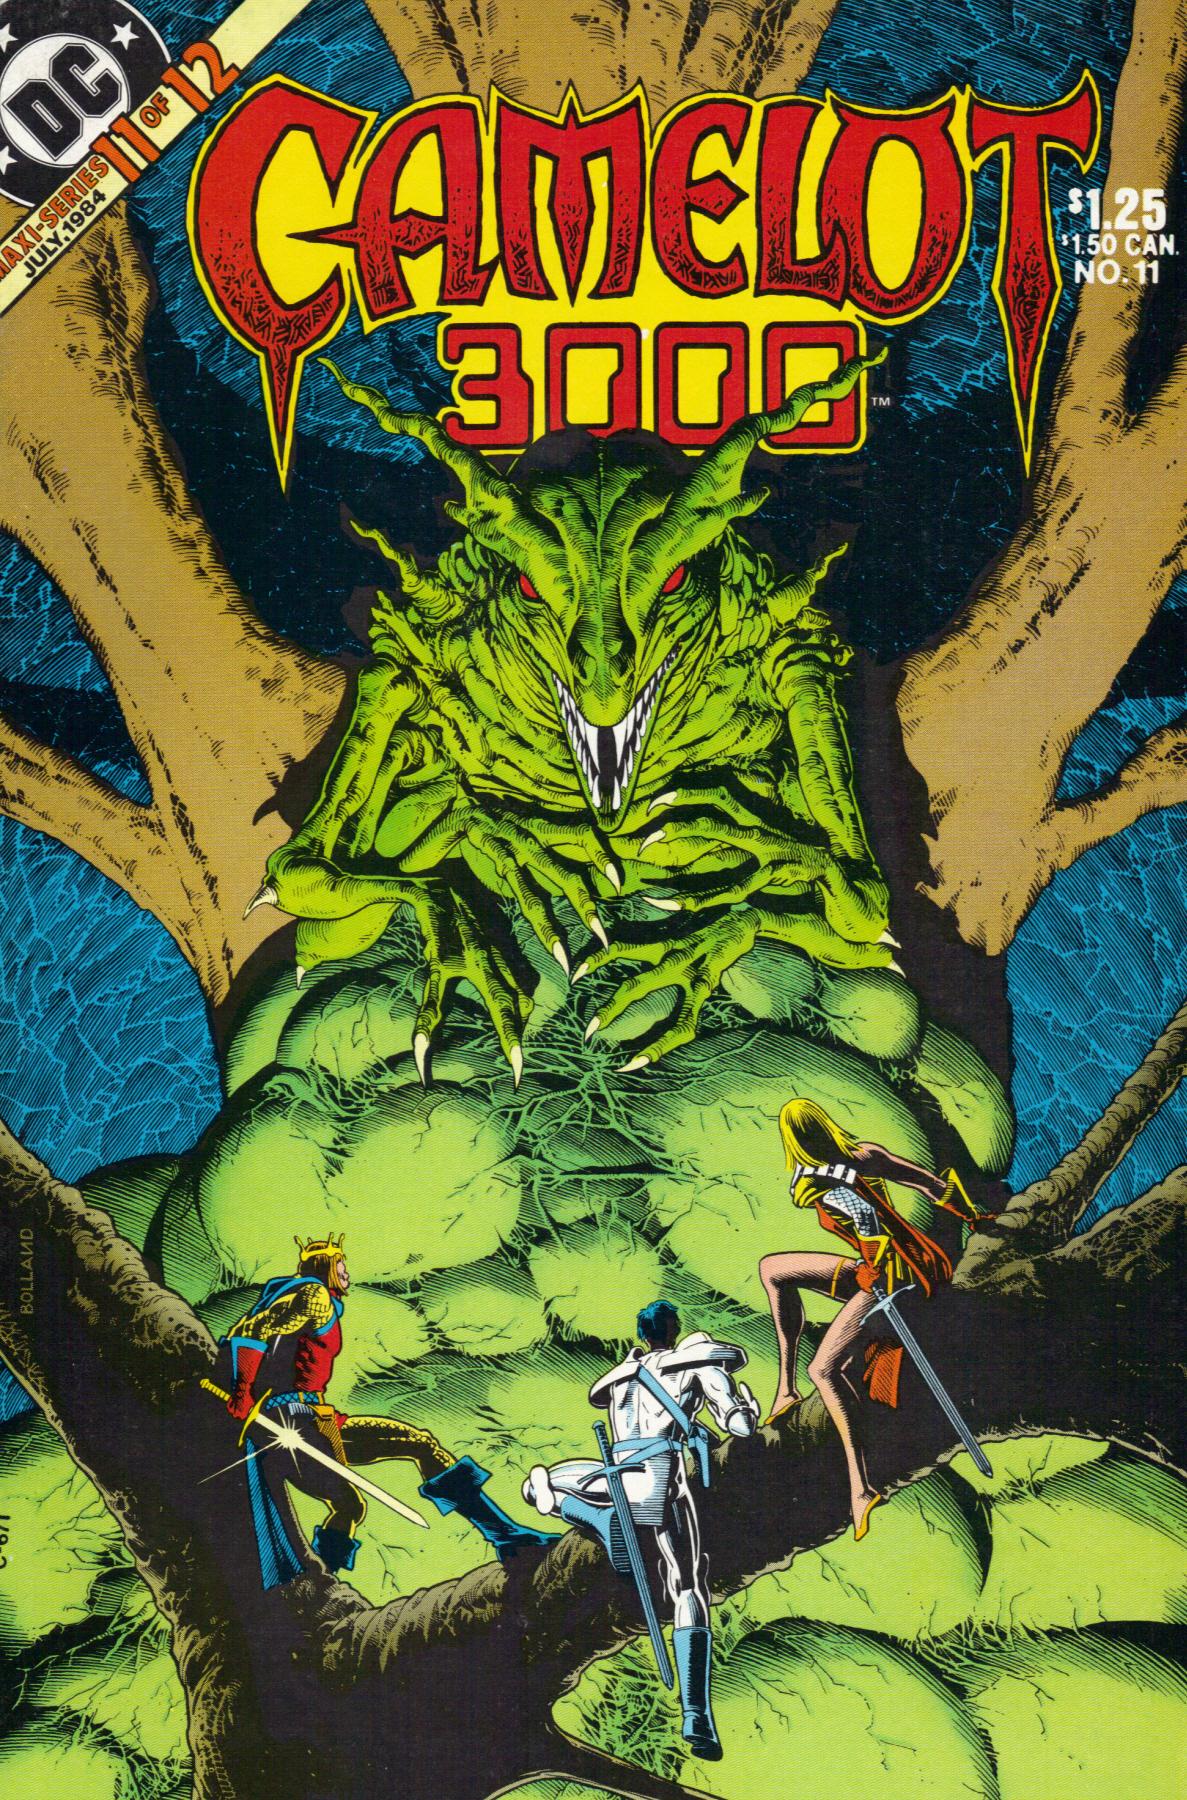 Camelot 3000 Vol 1 11 Dc Comics Database